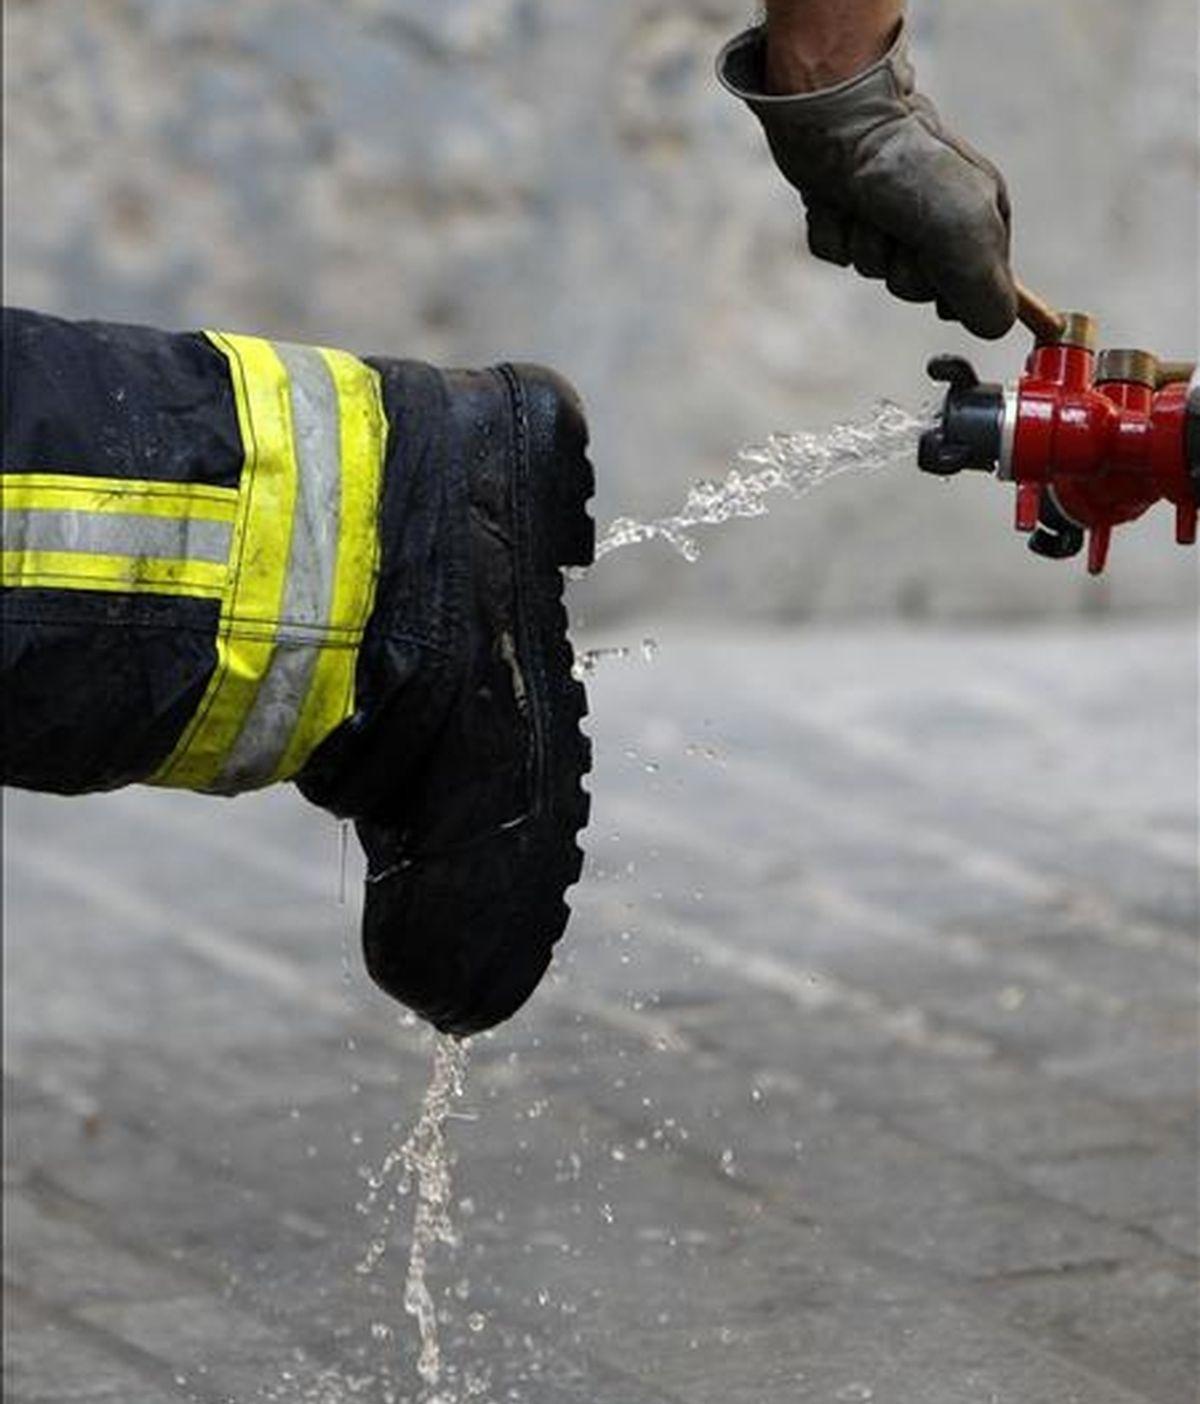 Un bombero limpia sus botas tras declarar extinguido un incendio. EFE/Archivo